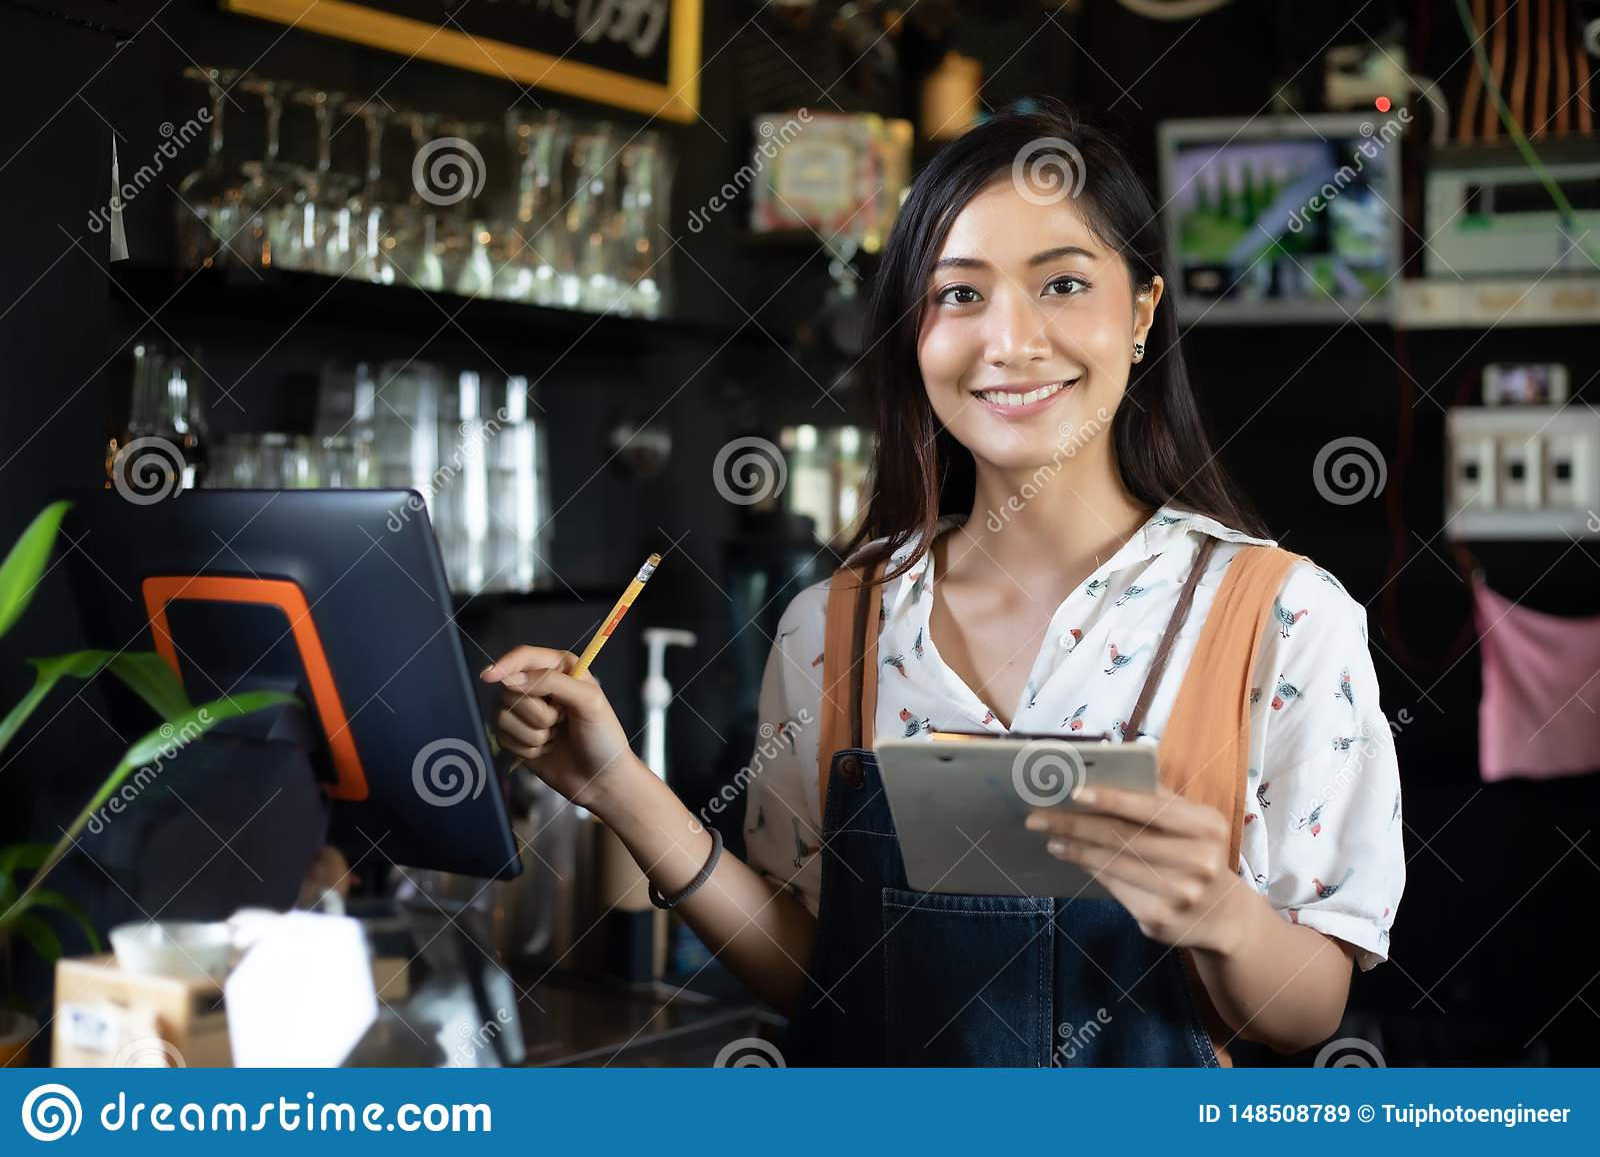 Asiatiska kvinnor Barista som ler och anv?nder kaffemaskinen i coffee shopr?knare - mat och drink f?r ?gare f?r sm? och medelstor